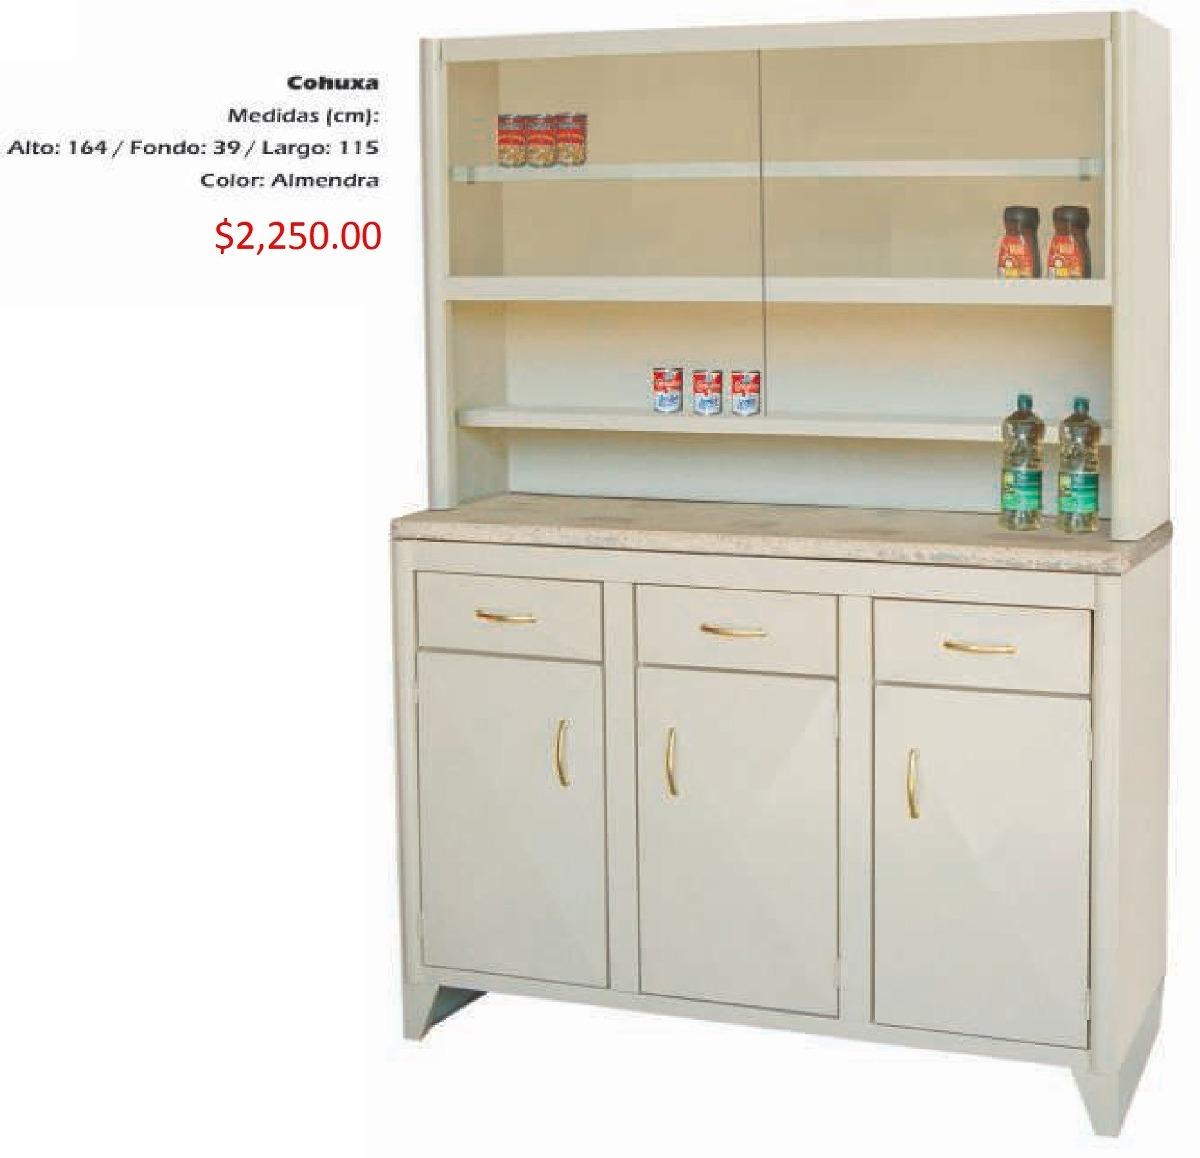 Mueble Para Cocina Modelo Cohuxa   225000 en Mercado Libre